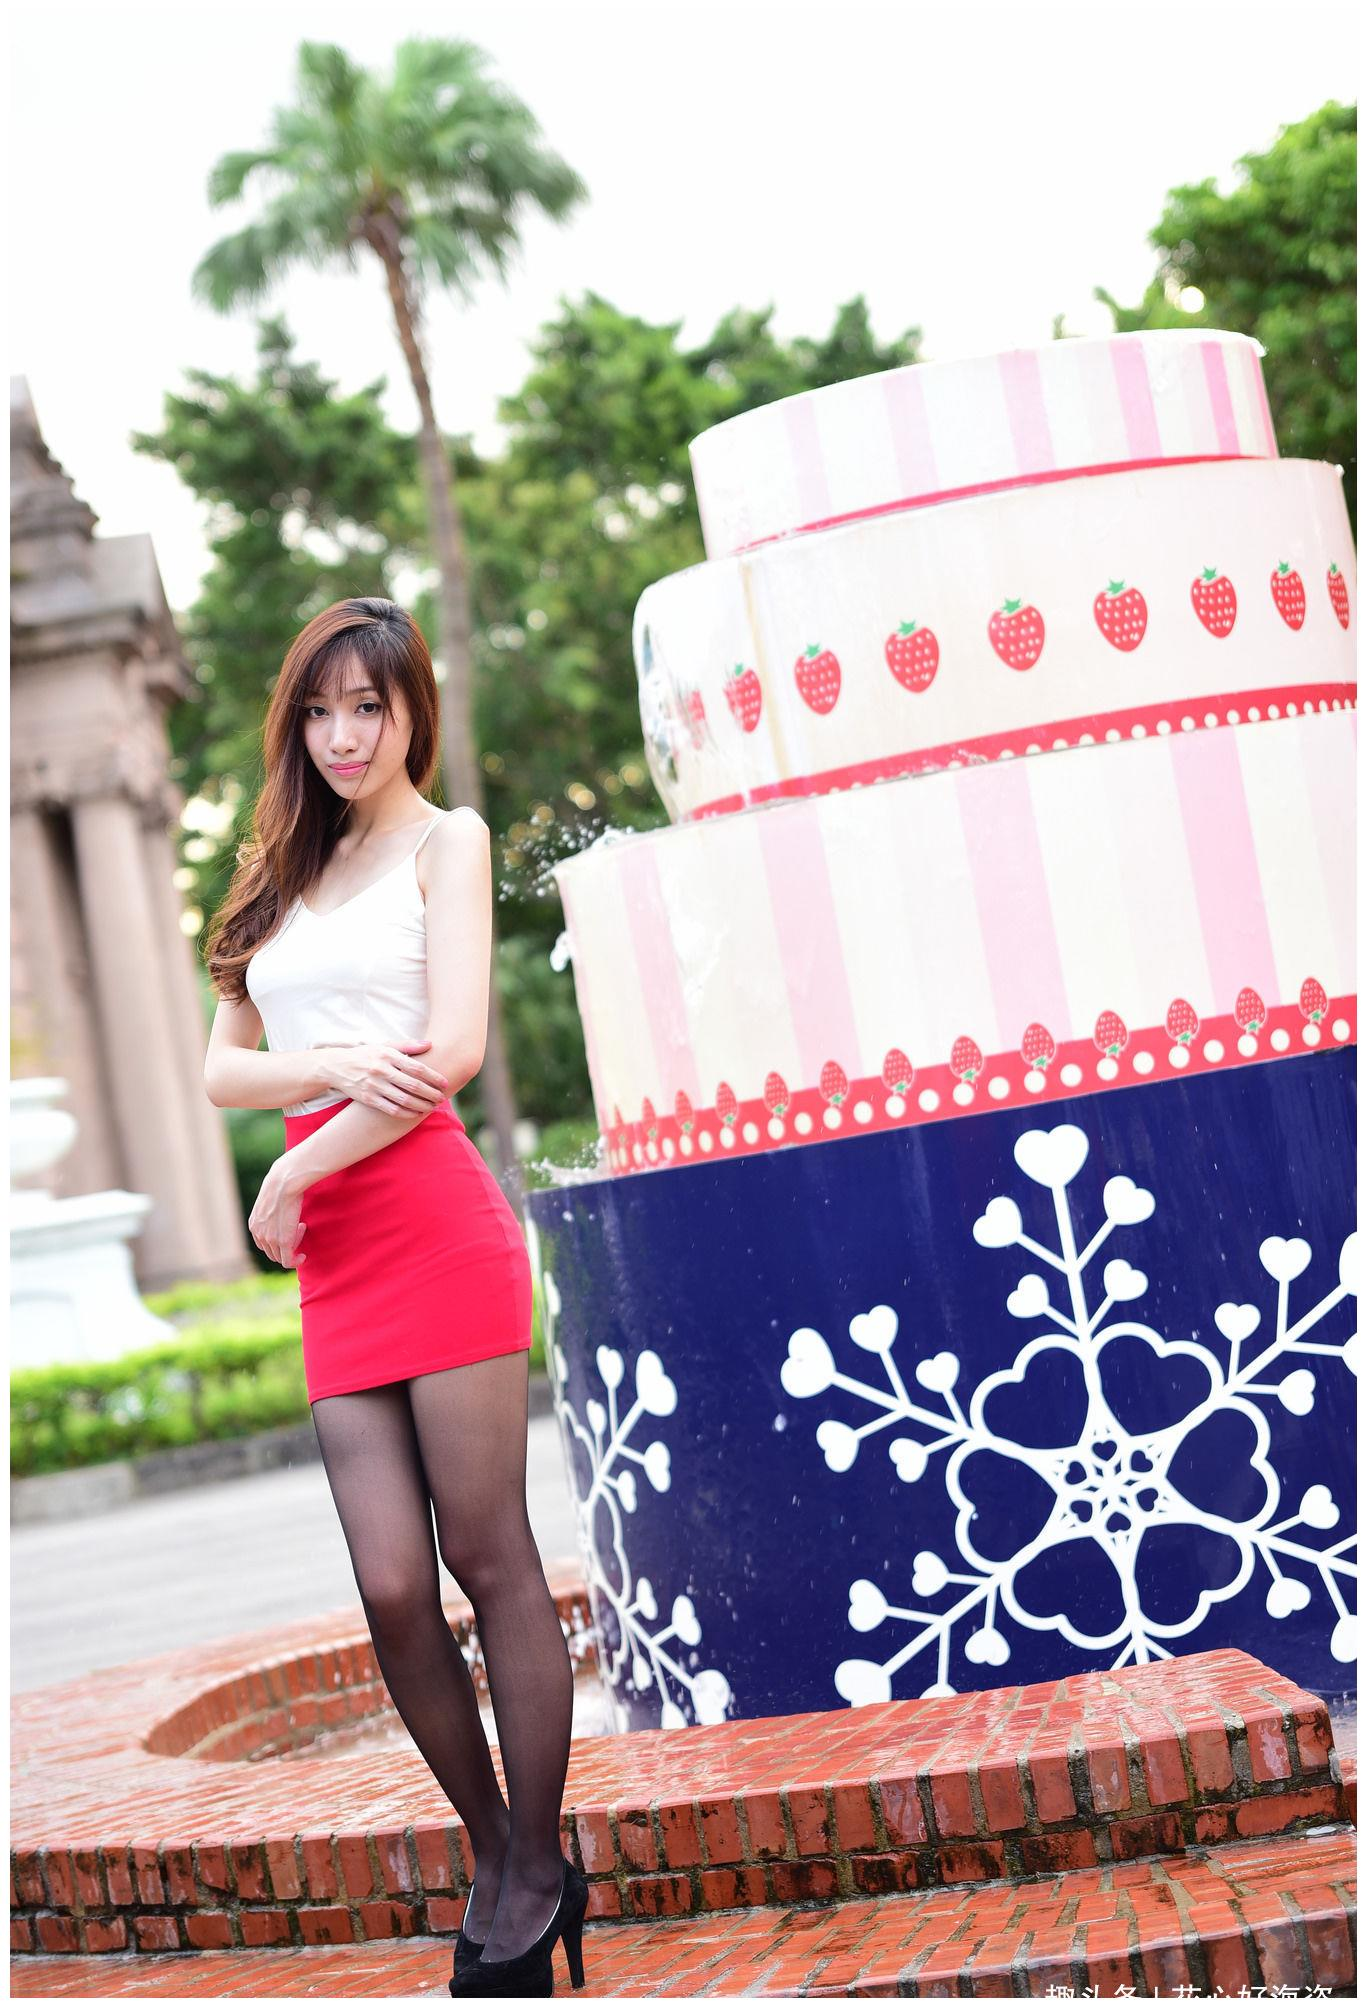 女孩写真集套图大全 台湾清秀女孩 段乐乐之 116